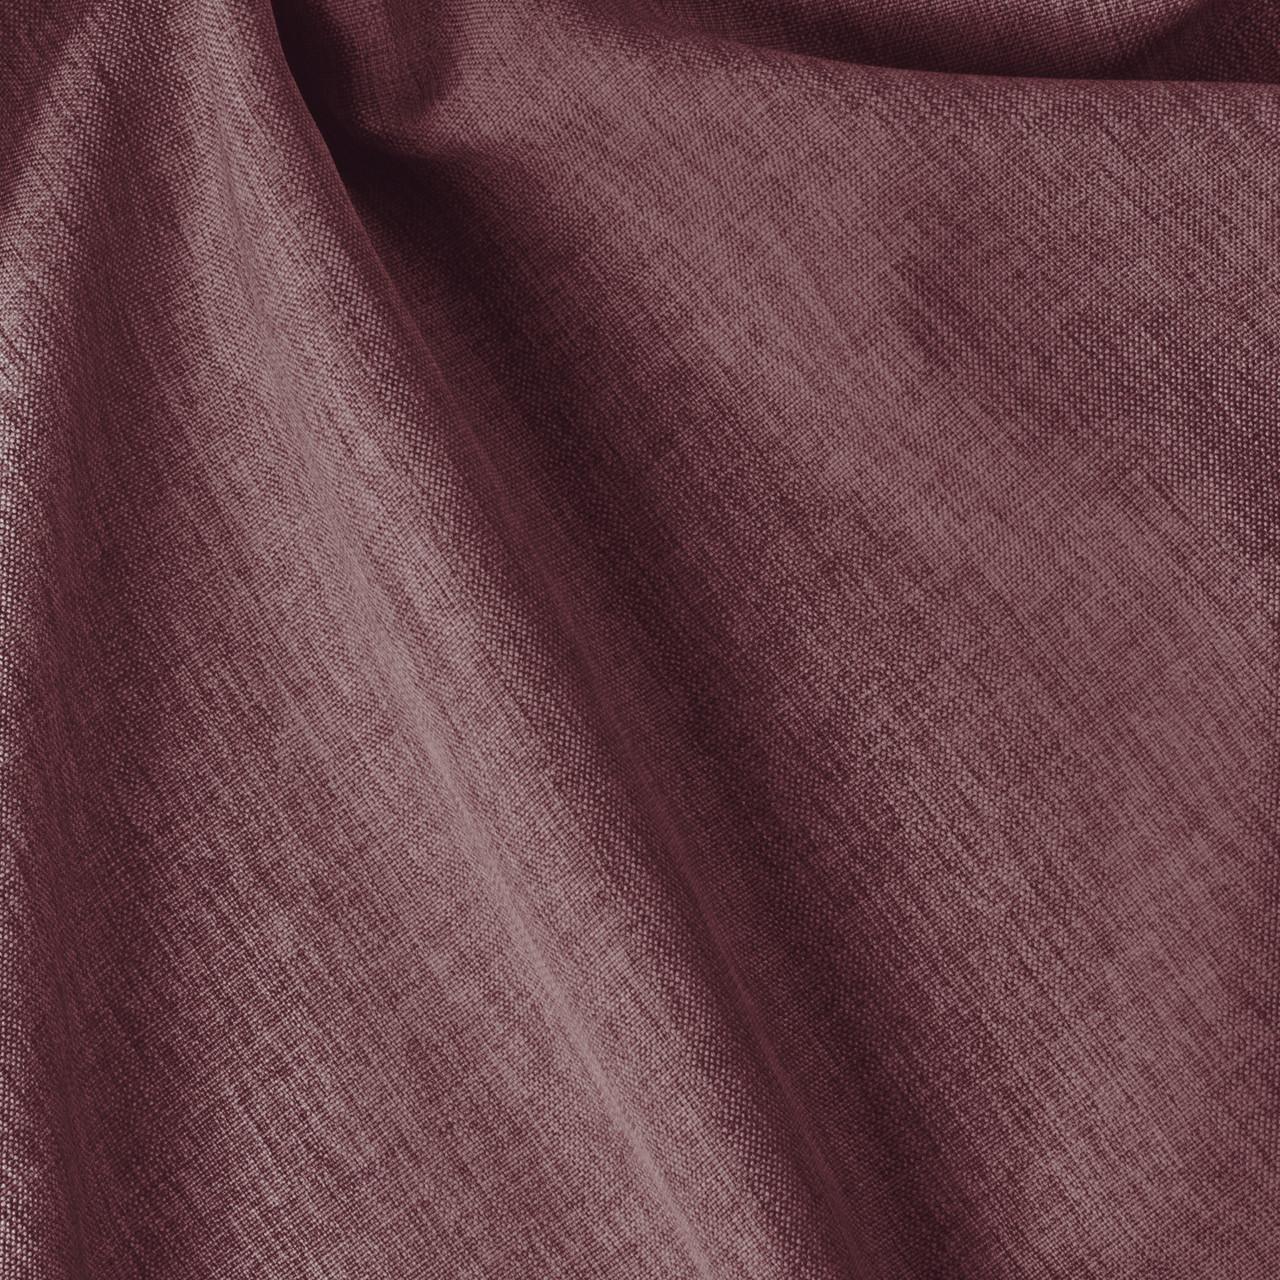 Декоративна однотонна тканина фіолетового кольору Туреччина 84460v17